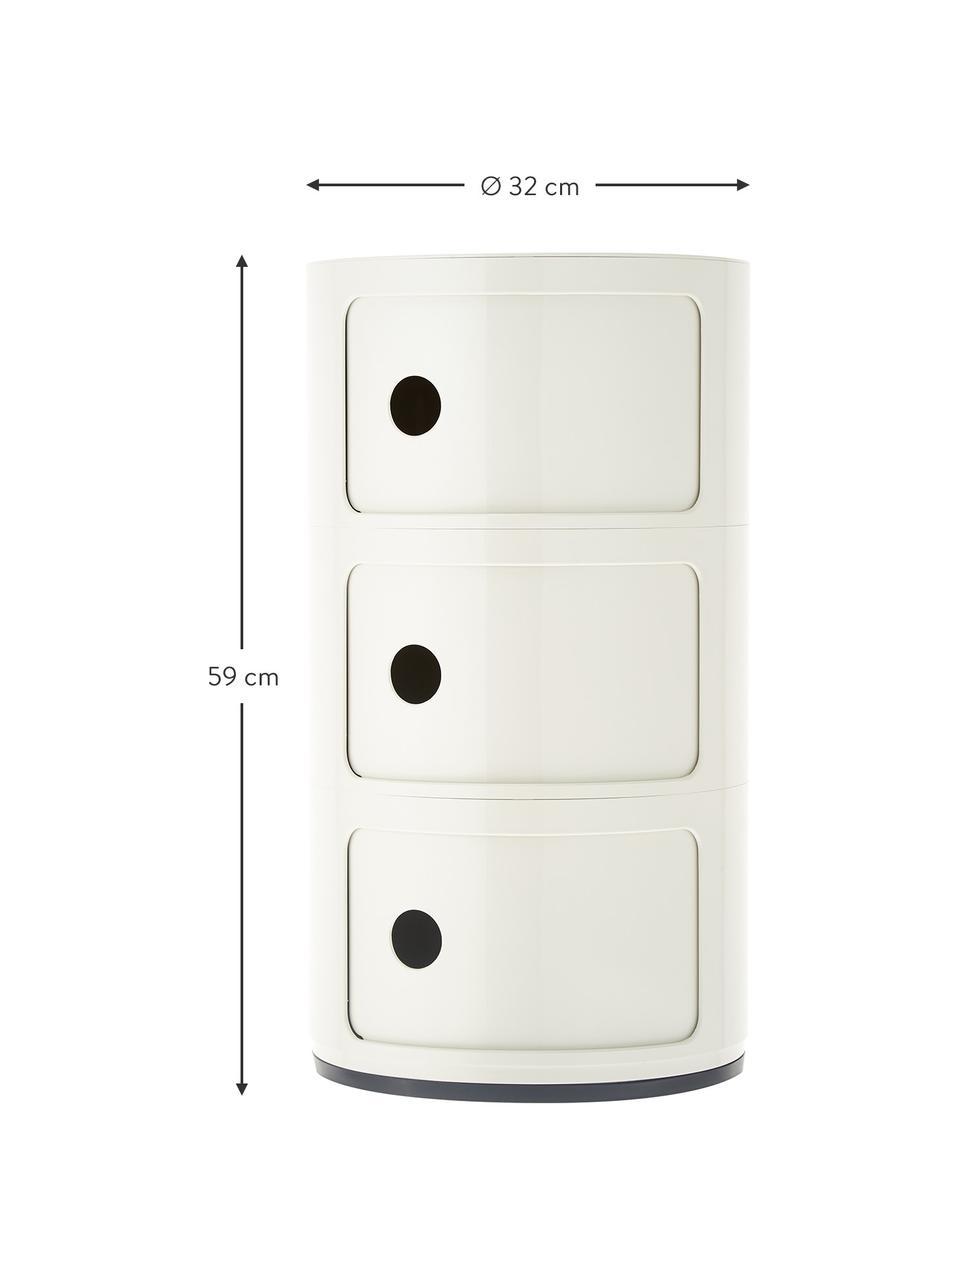 Designový odkládací stolek se 3 přihrádkami Componibili, Bílá